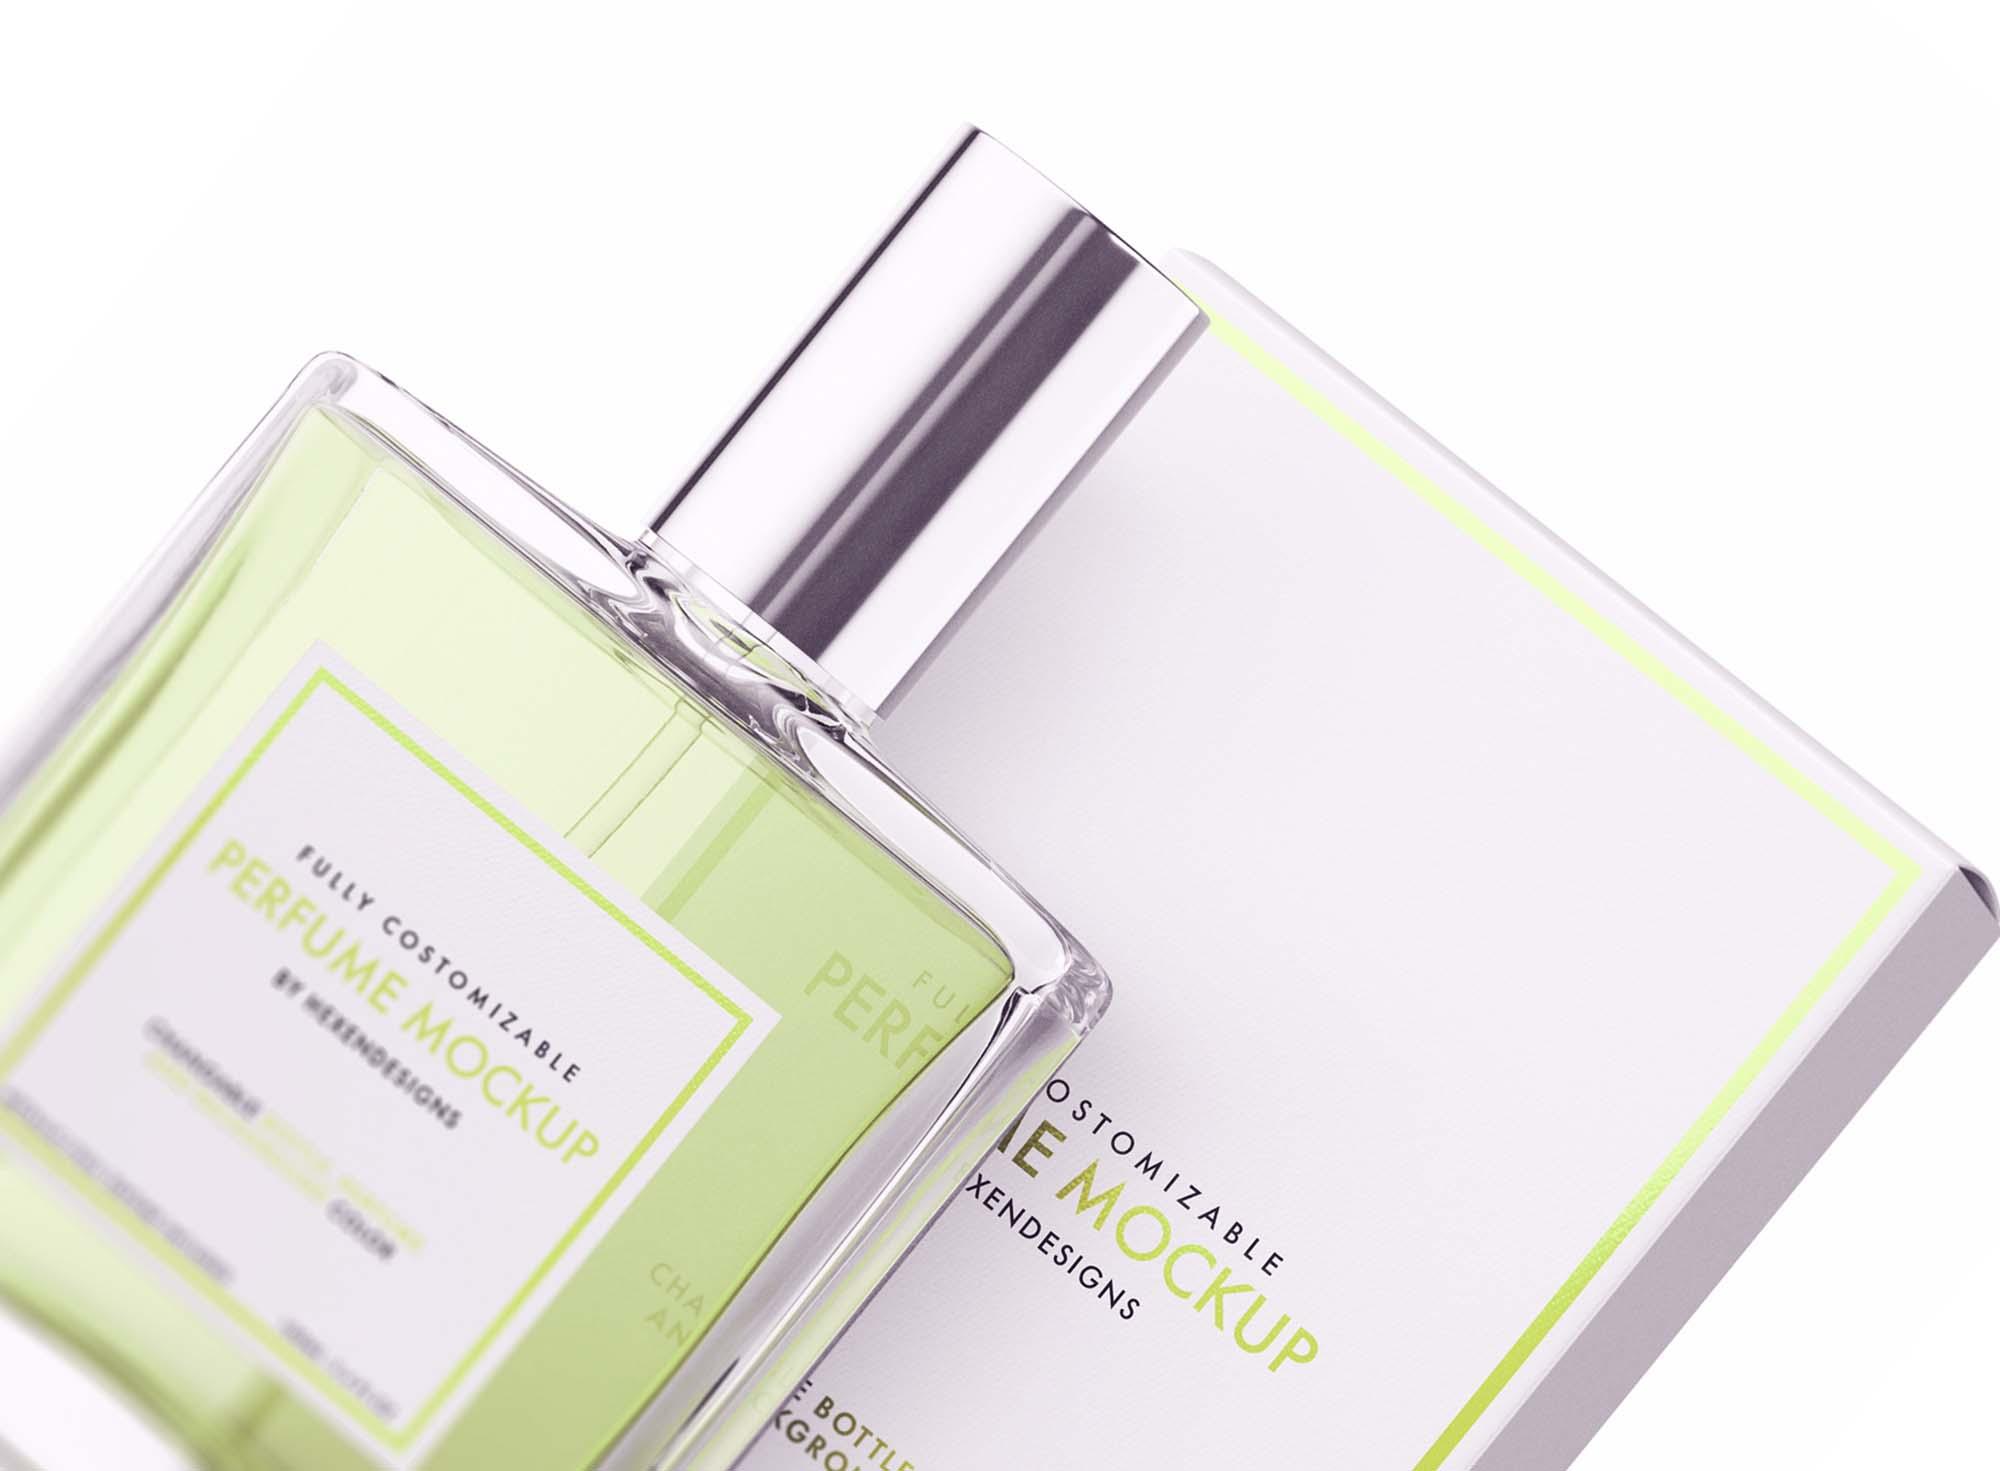 Perfume Package Mockup 5